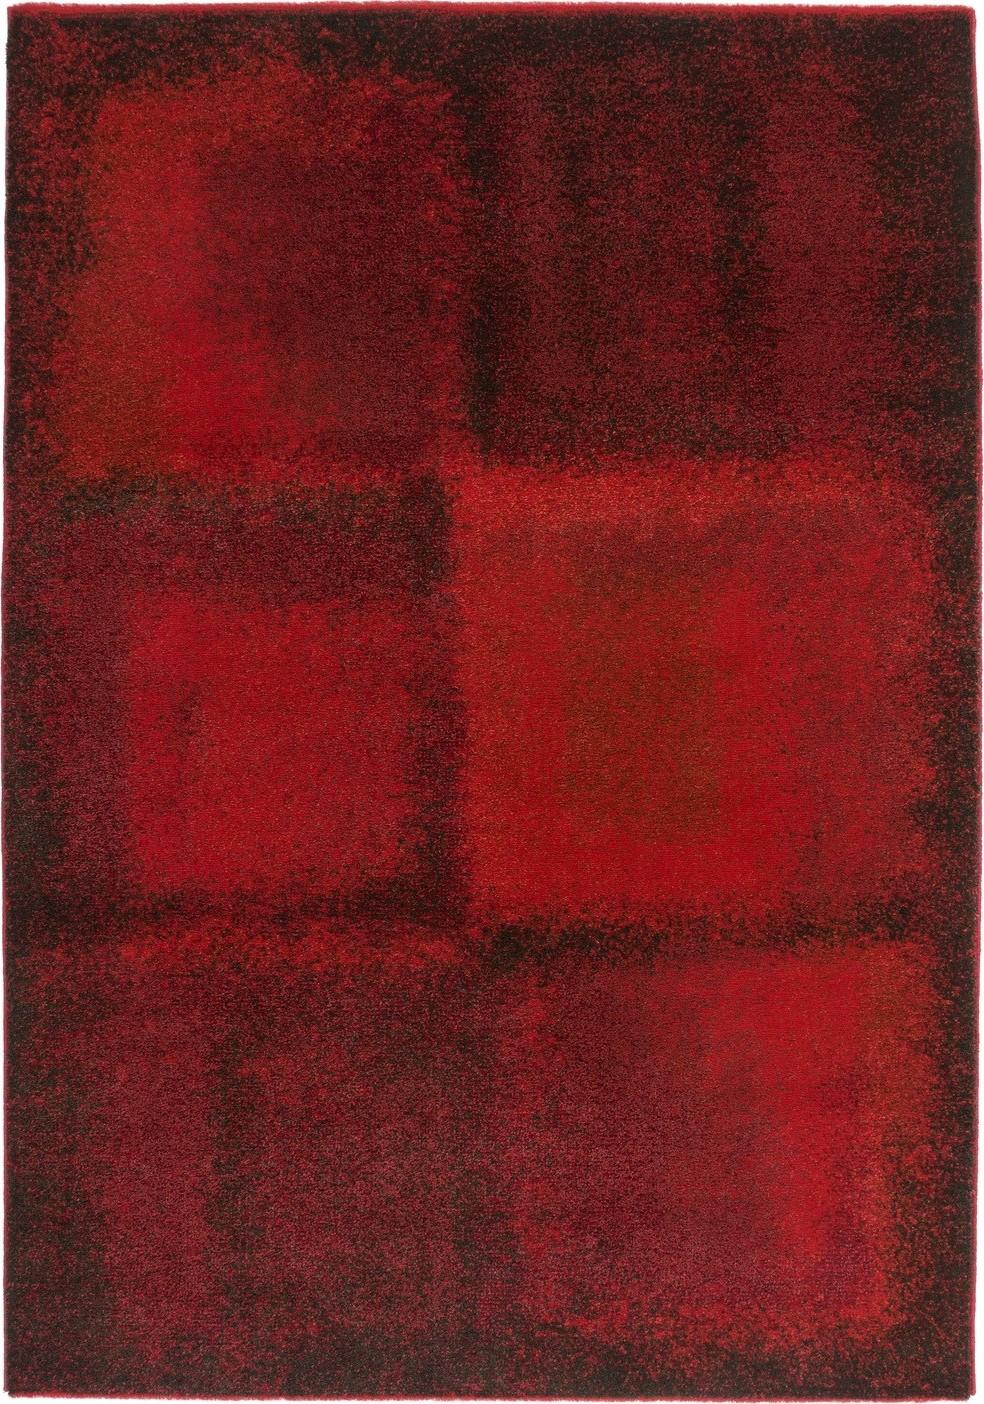 Tapis salon rouge design vintage synthétique tissé doux davina 10